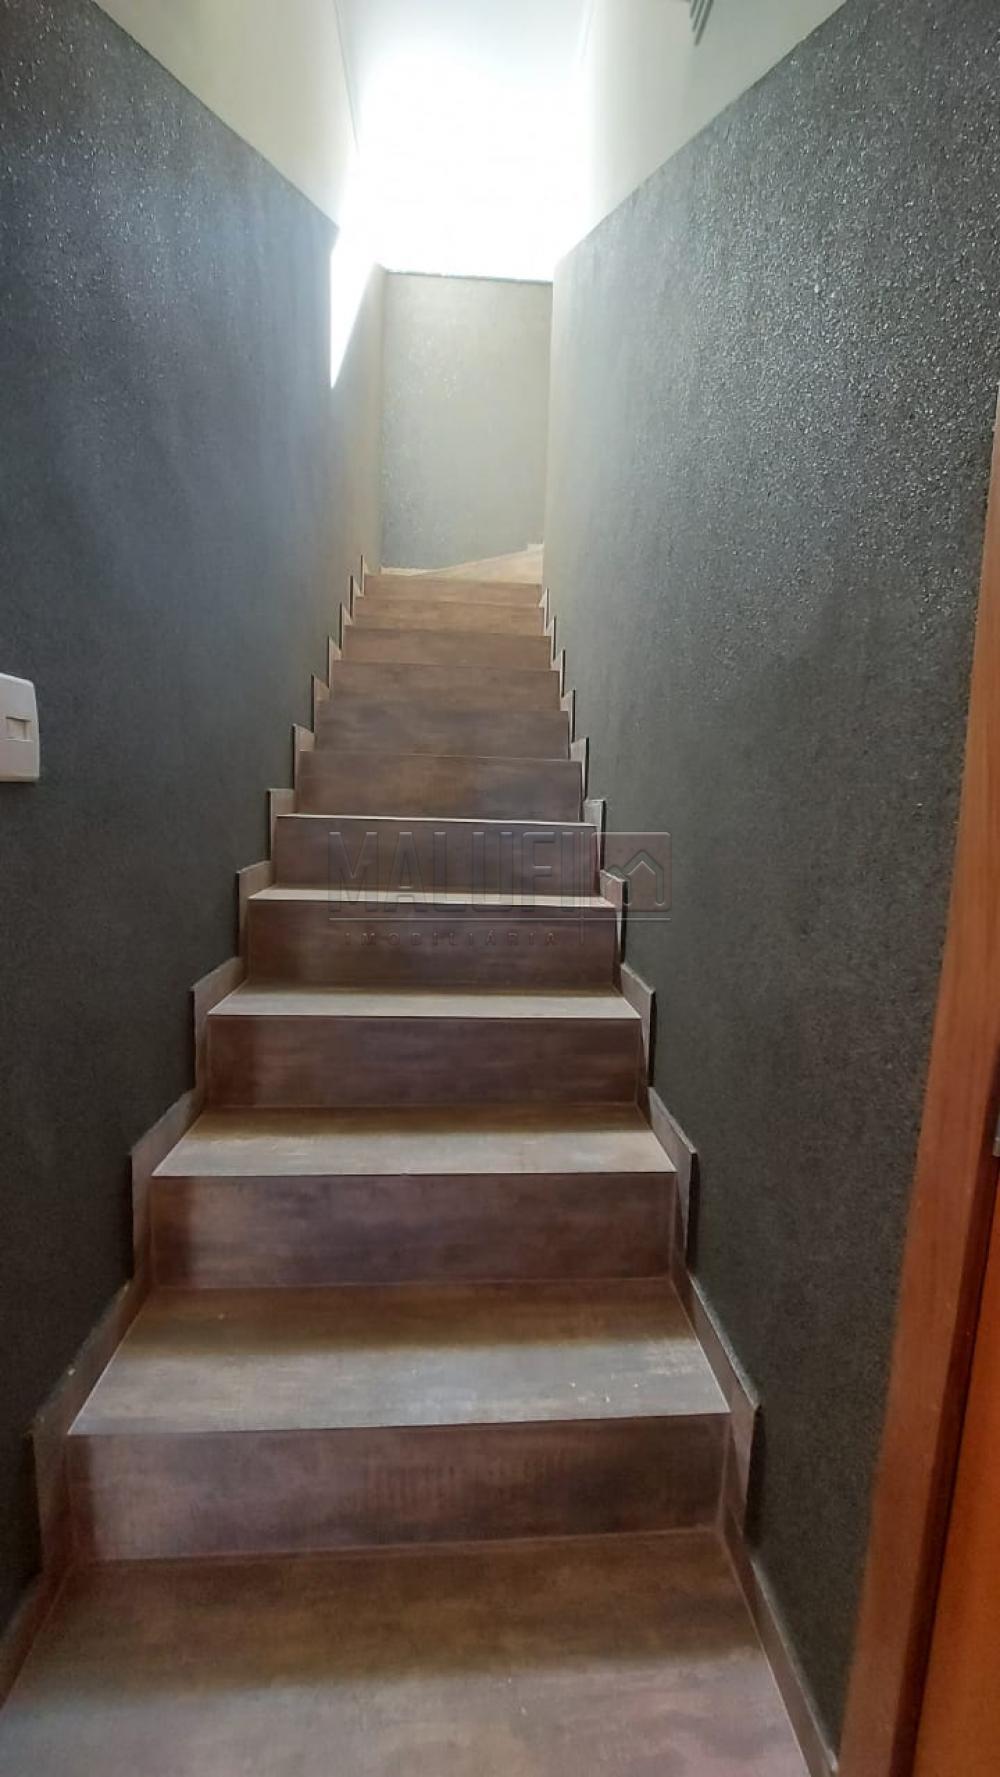 Comprar Casas / Padrão em Olímpia R$ 850.000,00 - Foto 23